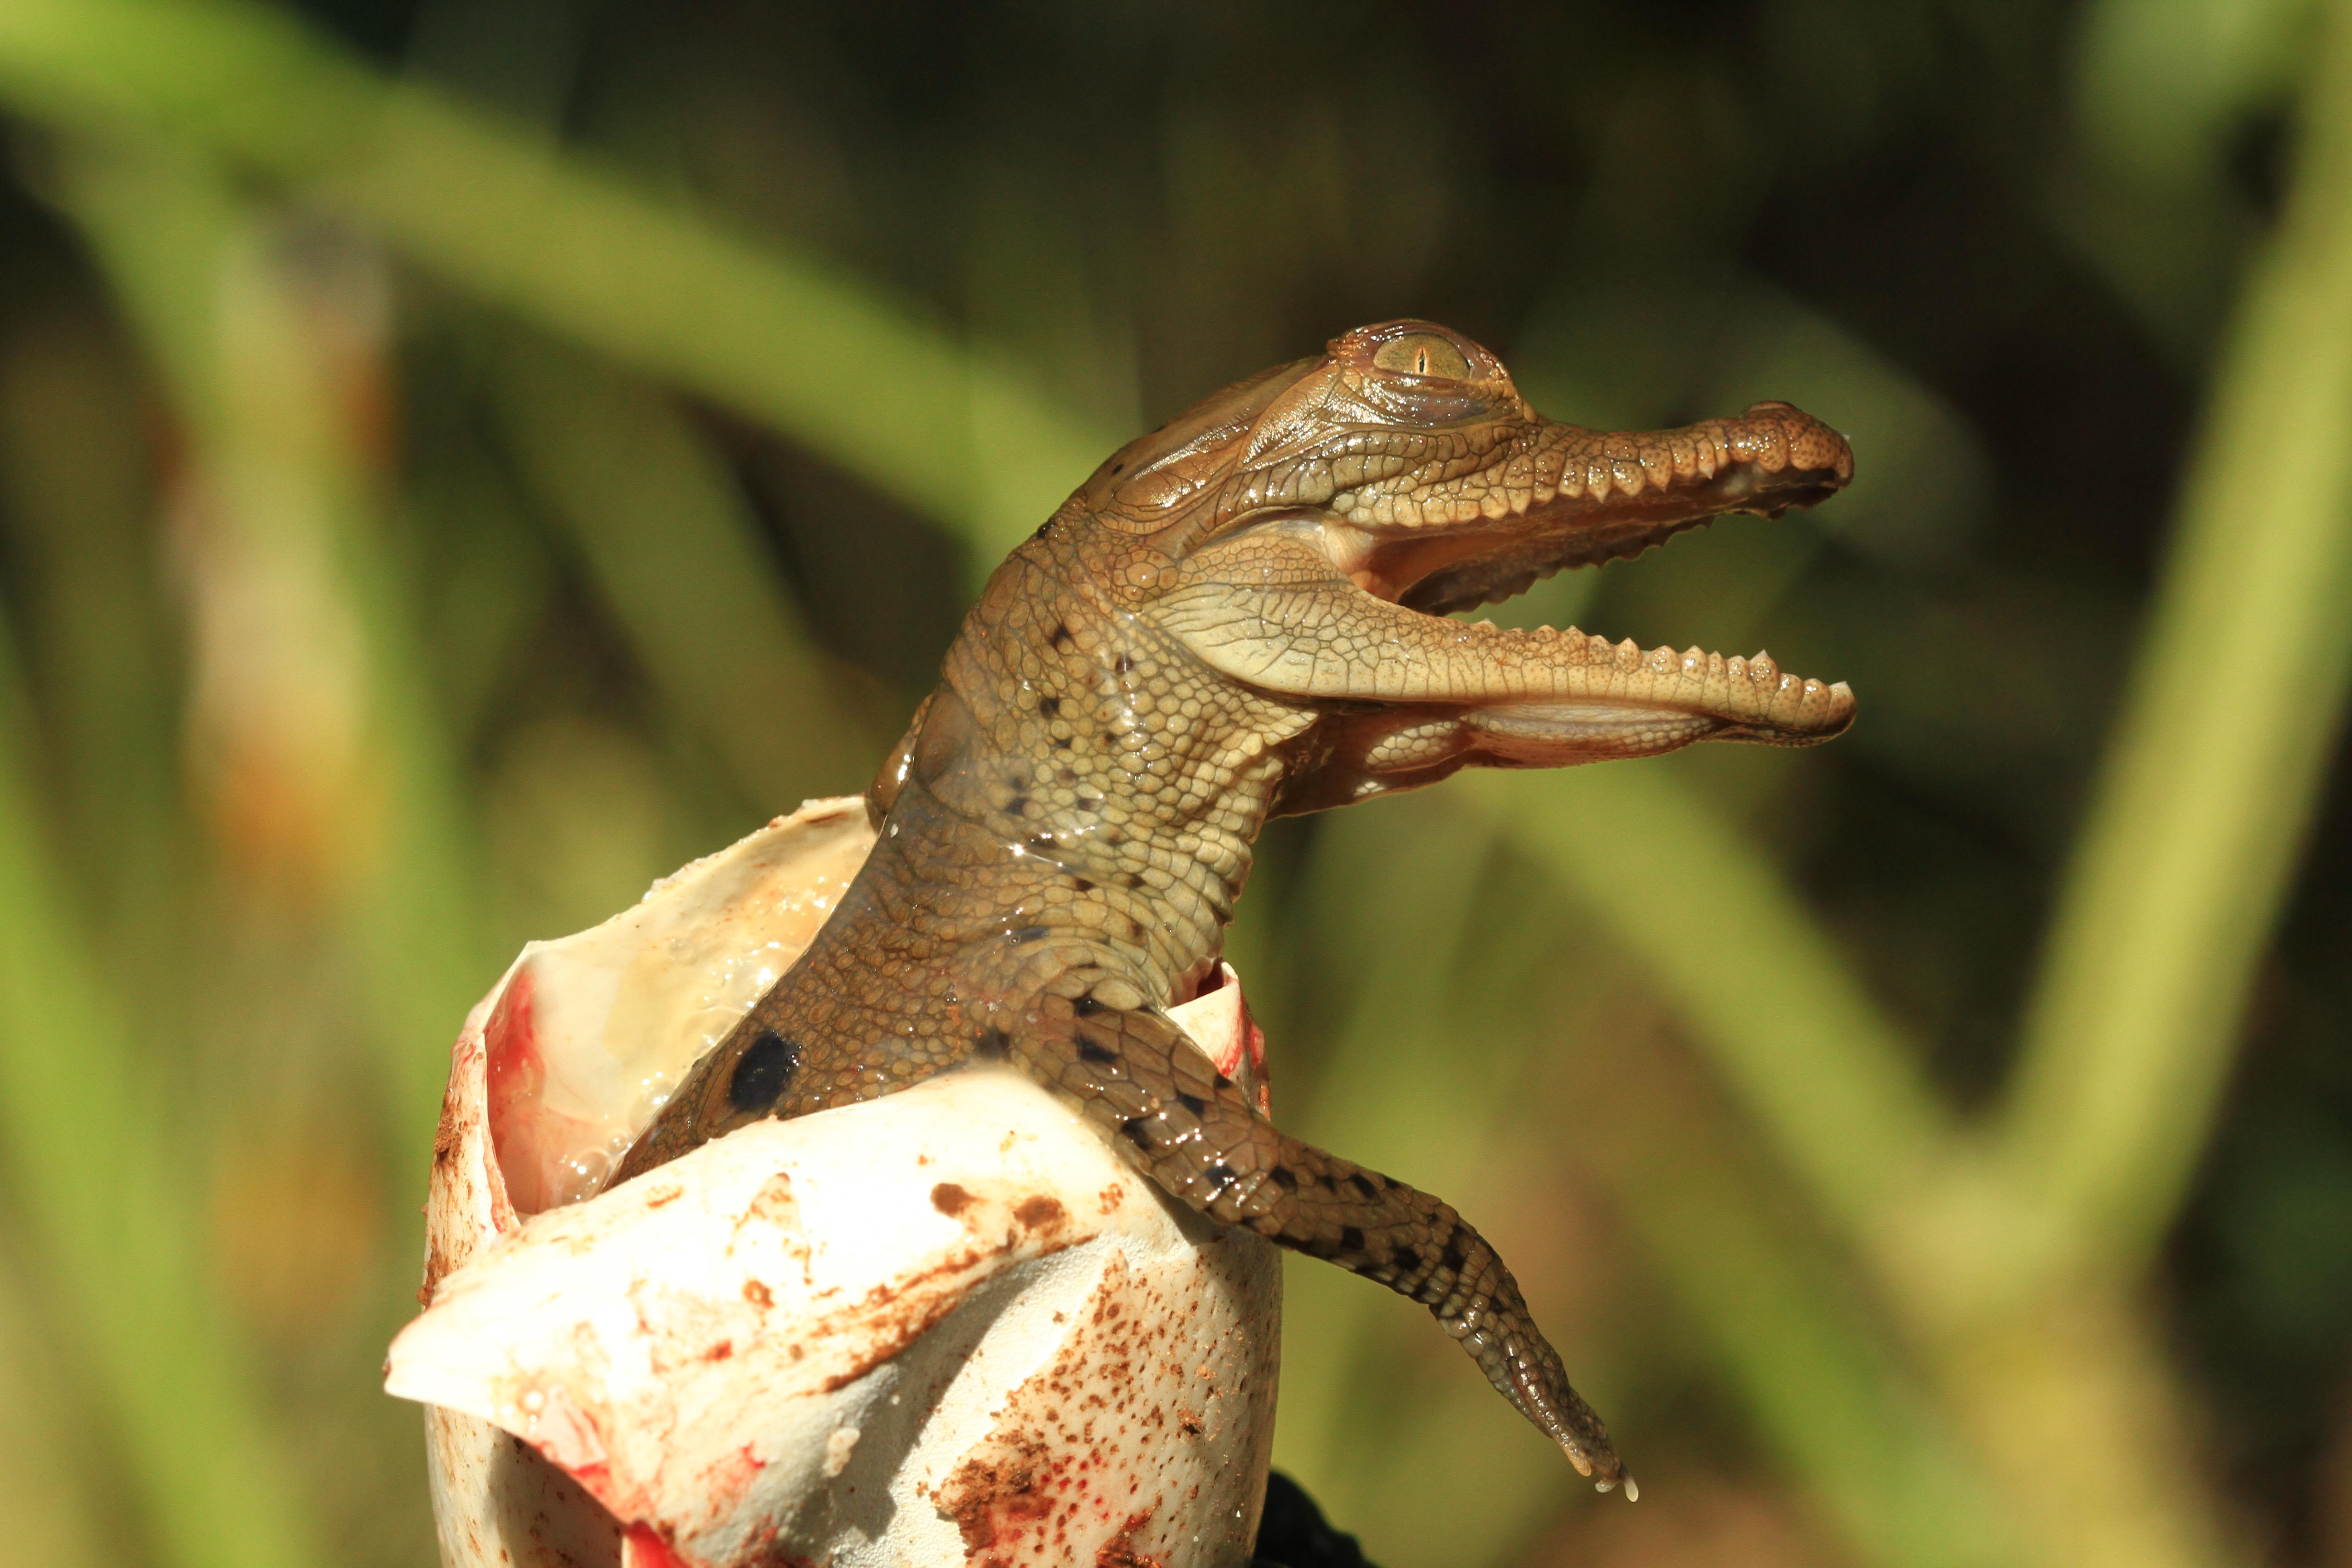 hoyennoticia.com, Nacen caimanes aguja en Centro de Rehabilitación